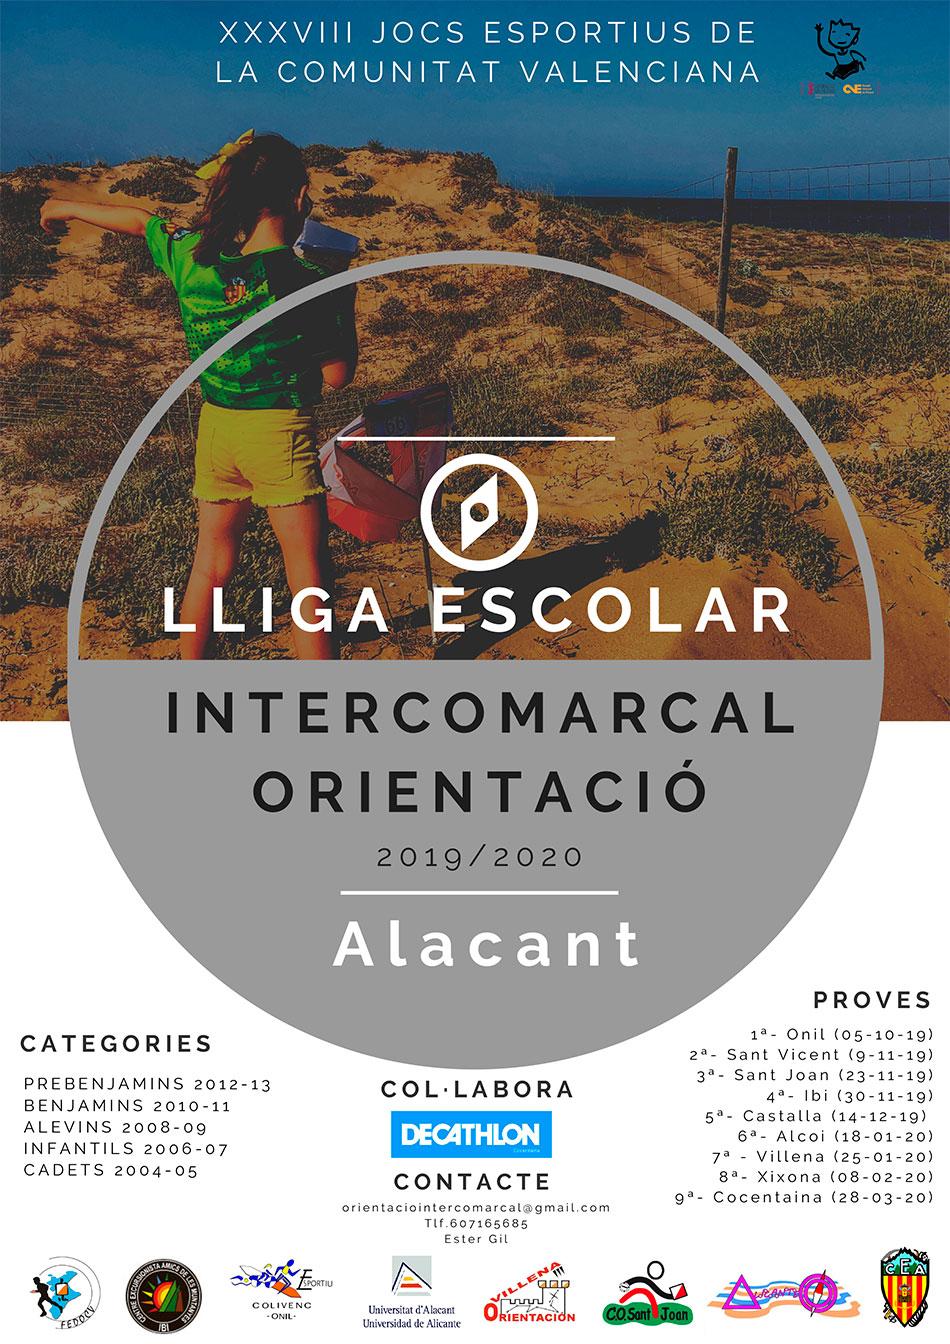 Calendario Escolar Valencia 2020 18.Fedocv Federacion Del Deporte De Orientacion En La Comunidad